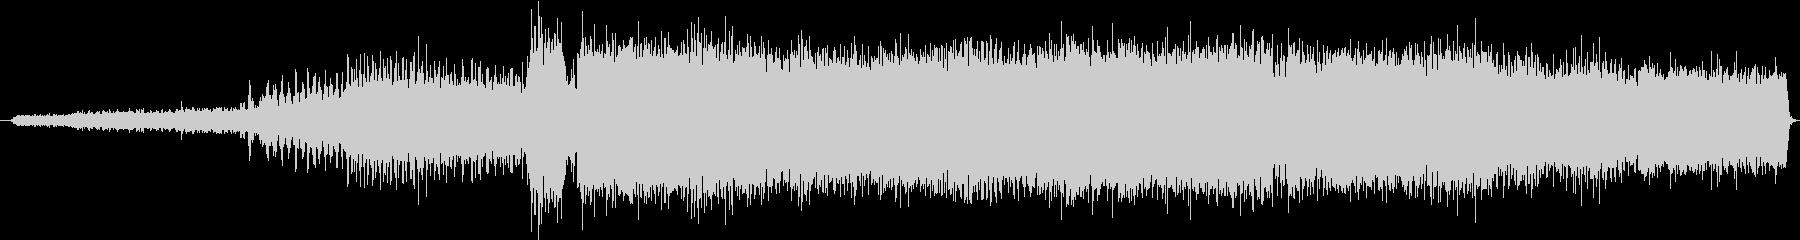 コードレスハンドドリル:19.2V...の未再生の波形